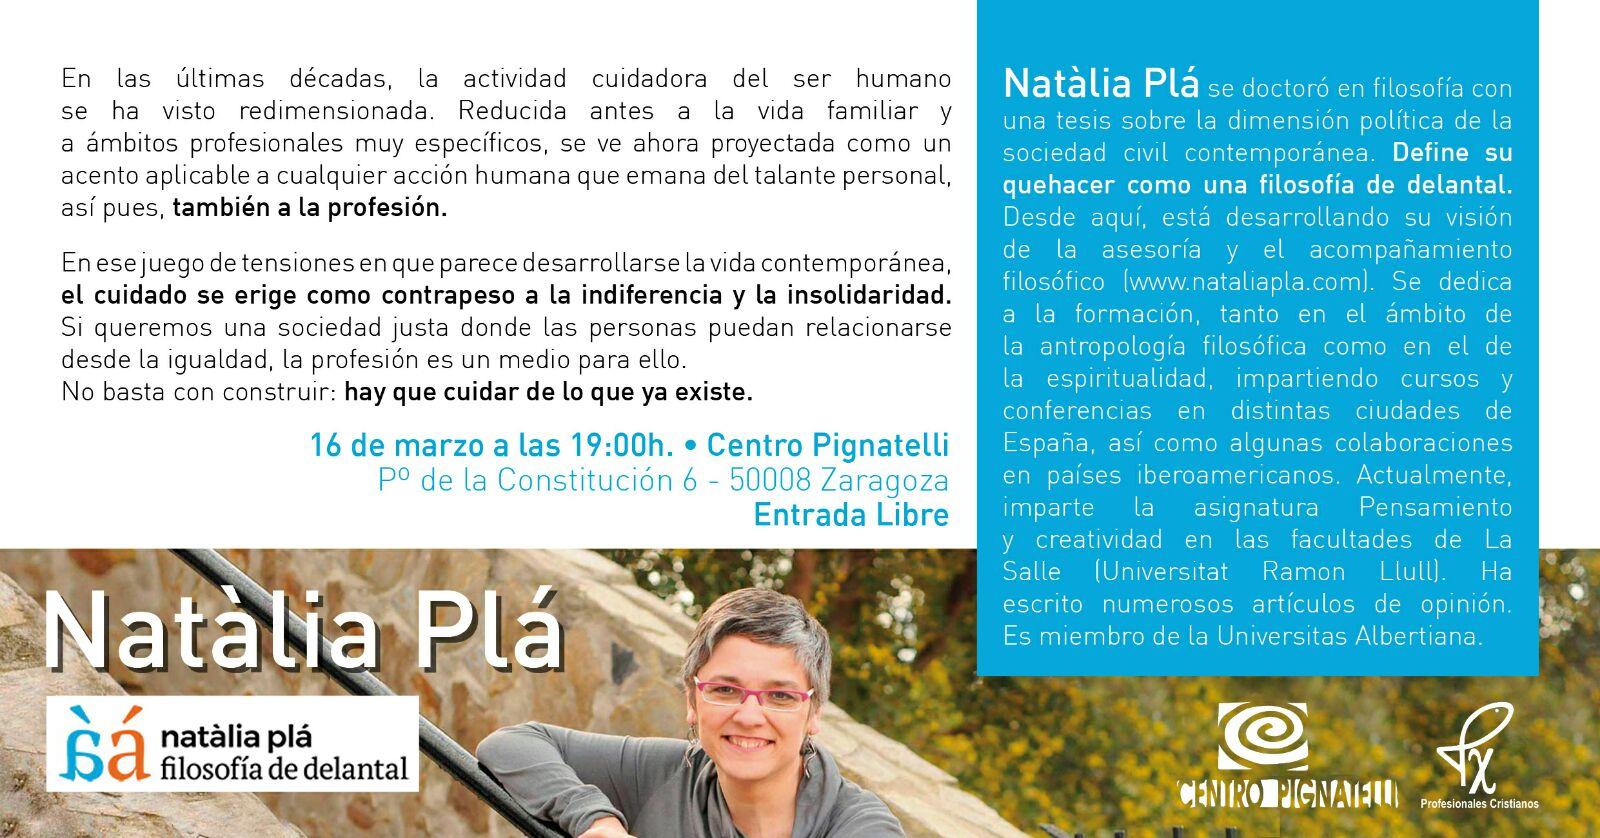 Encuentro-zaragaza-2018-centro-pignatelli-natailia pla